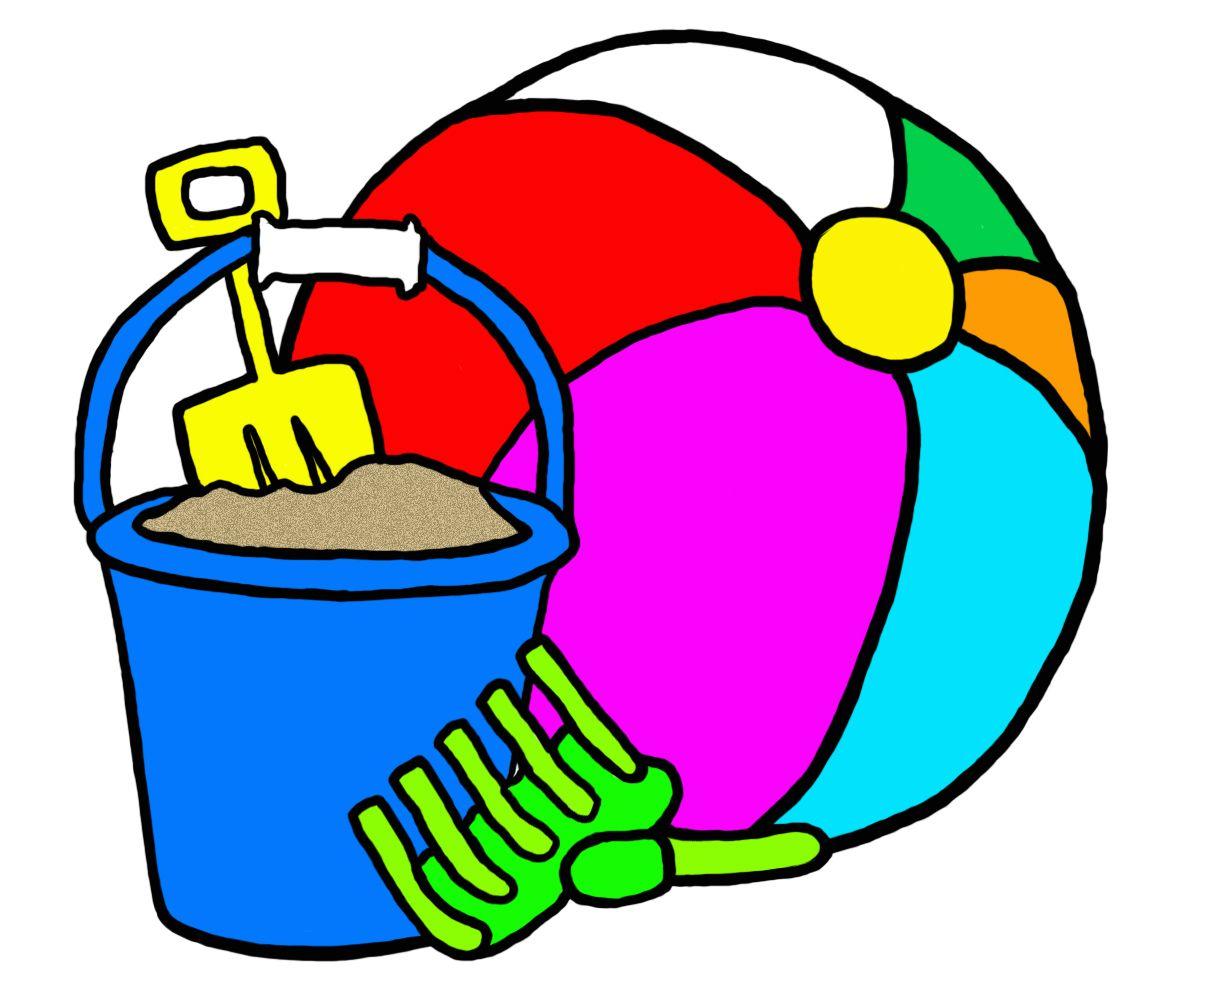 1208x1000 Beach Drawings Graphic, Clip Art, Beach Toys, Summer, Fun, Pail